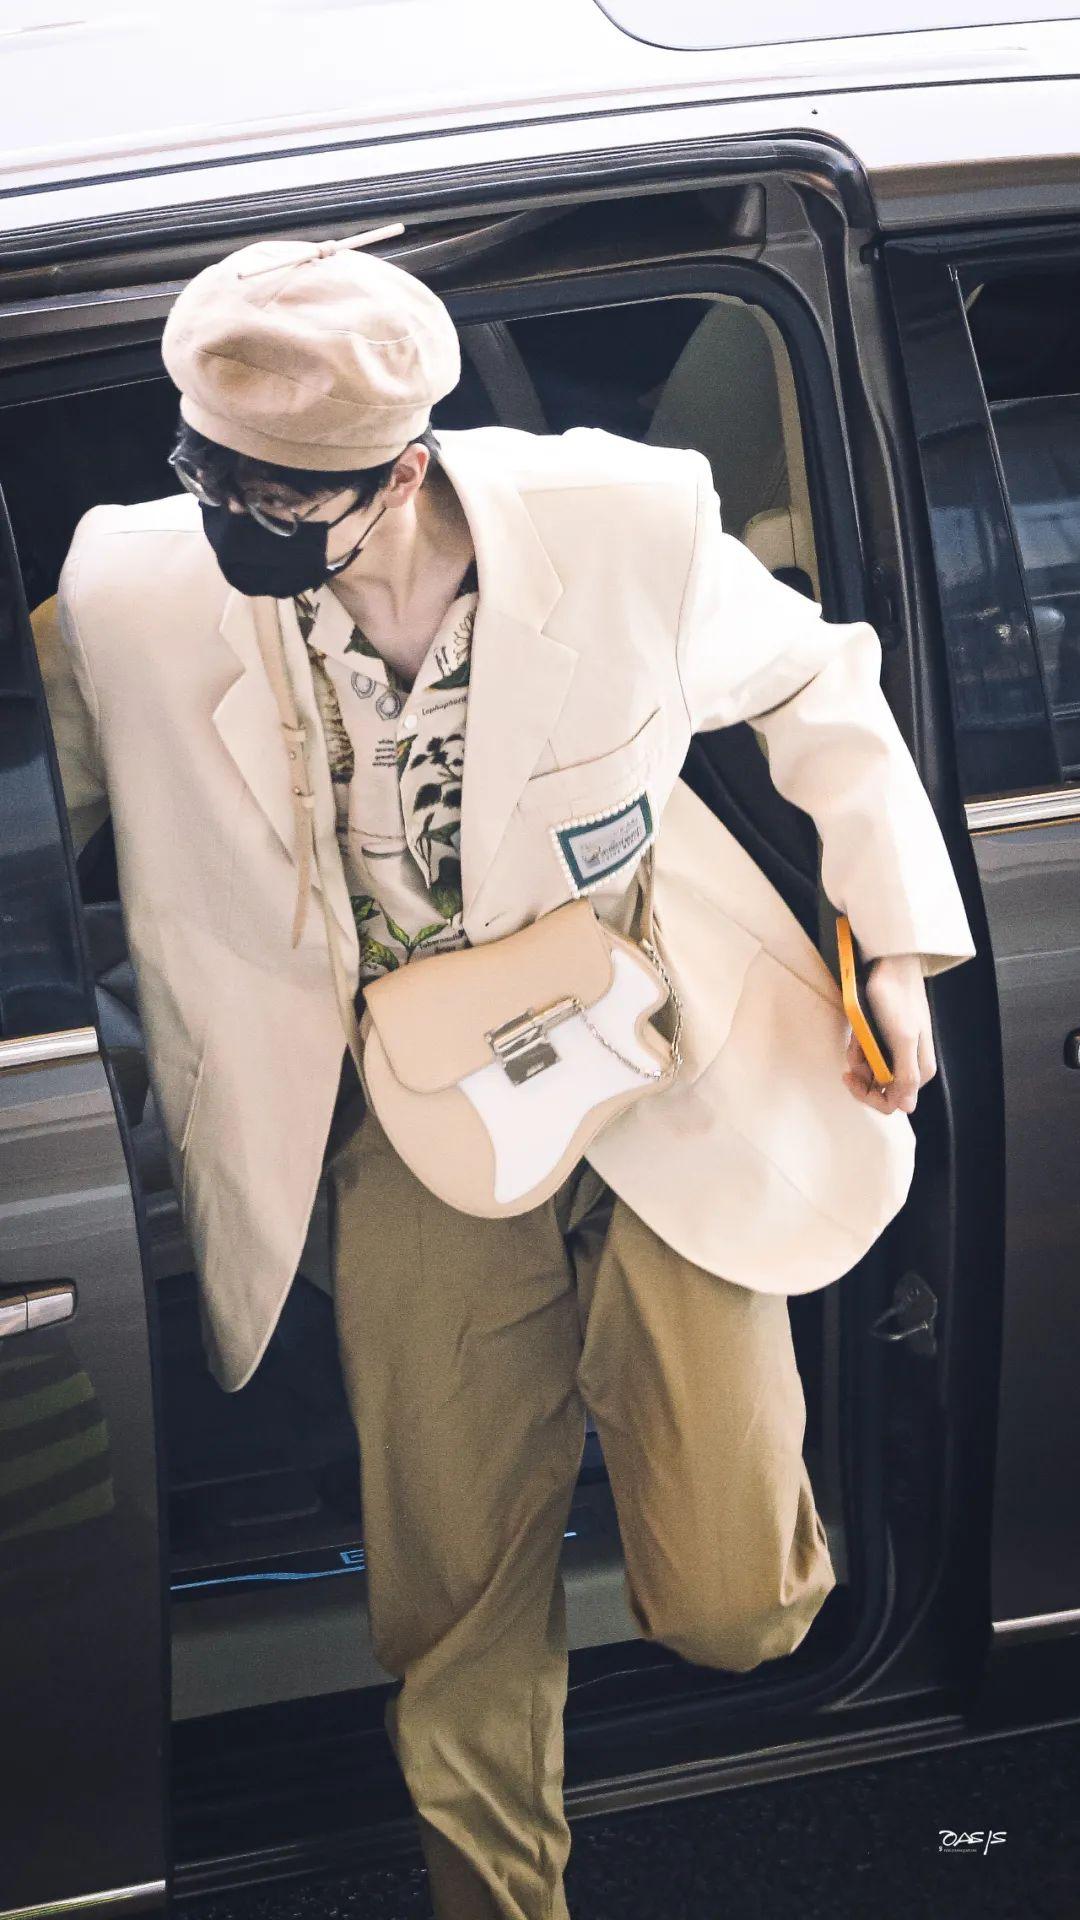 赵丽颖、杨幂、黄旭熙、周柯宇、张嘉元、刘彰等人现身机场;鞠婧祎、米卡新代言官宣;刘宇宁、毛不易、张新成新歌上线